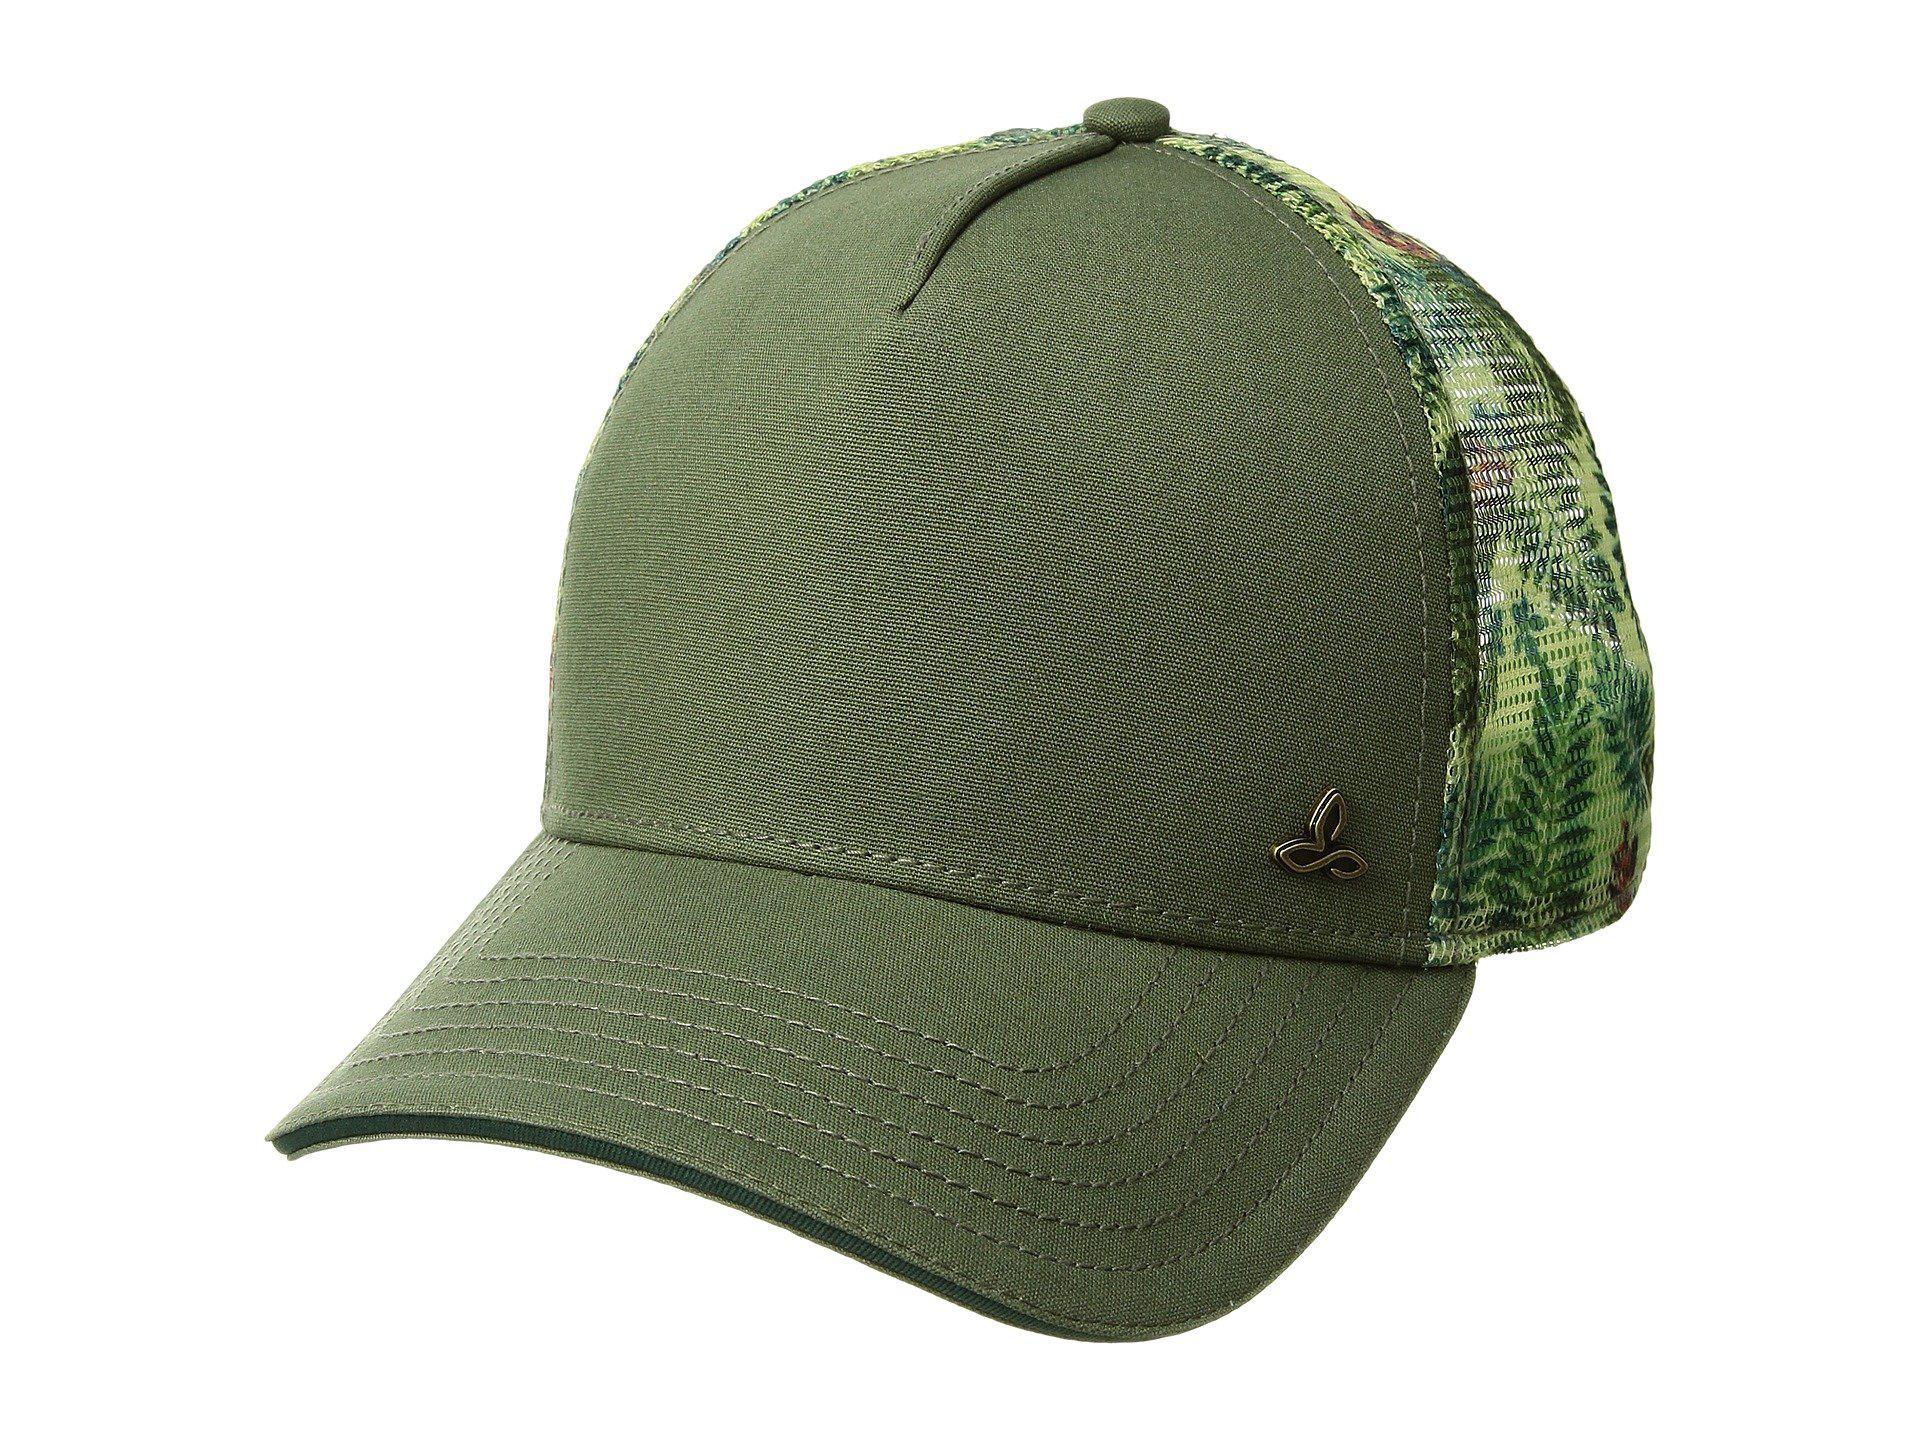 dbf37f823bd89 Lyst - Prana Idalis Trucker Hat (turtle Green) Caps in Green